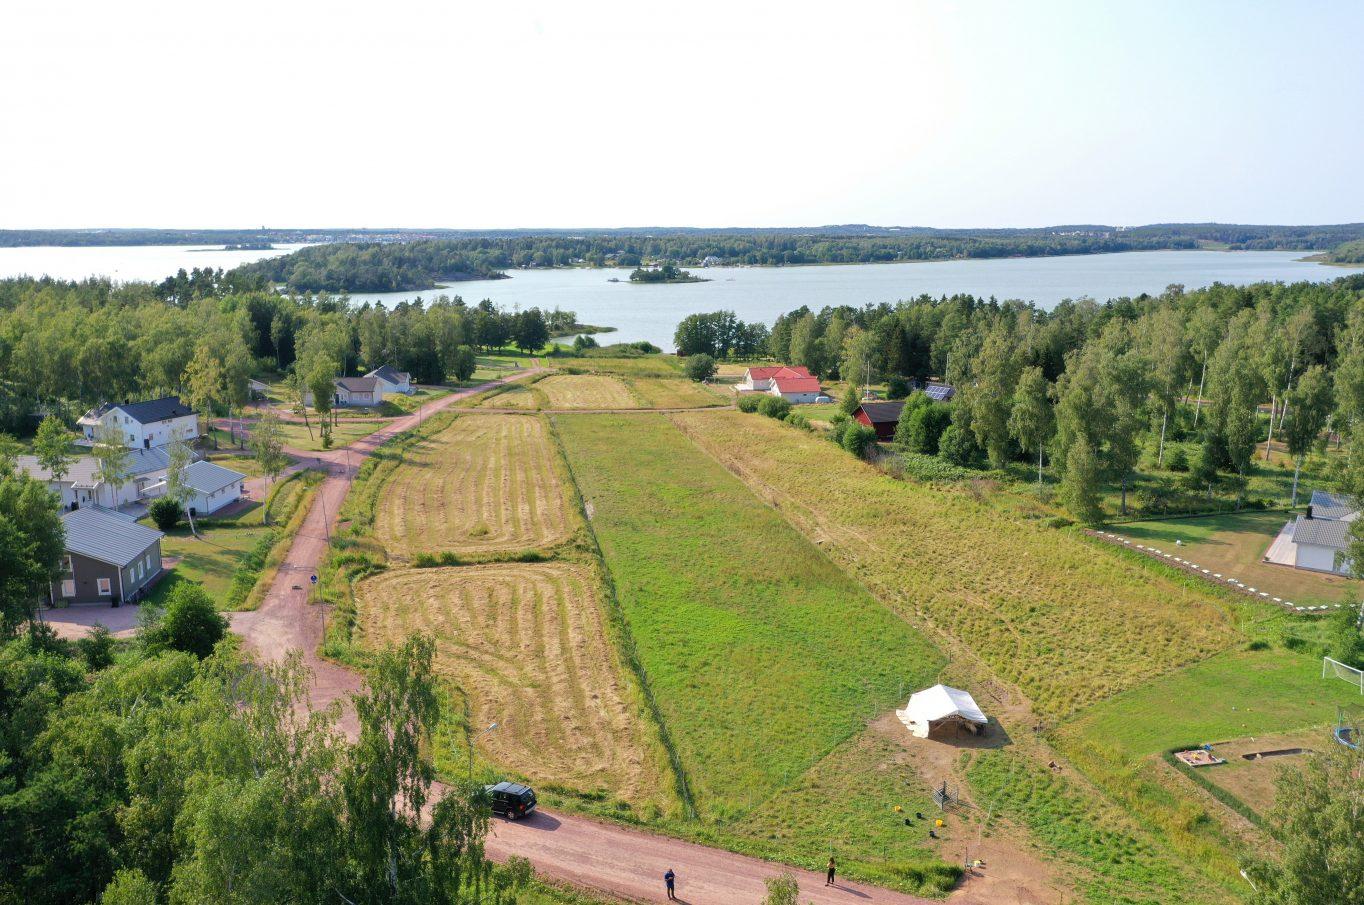 Bostadstomt på Björkudden i Lemböte, Lemland